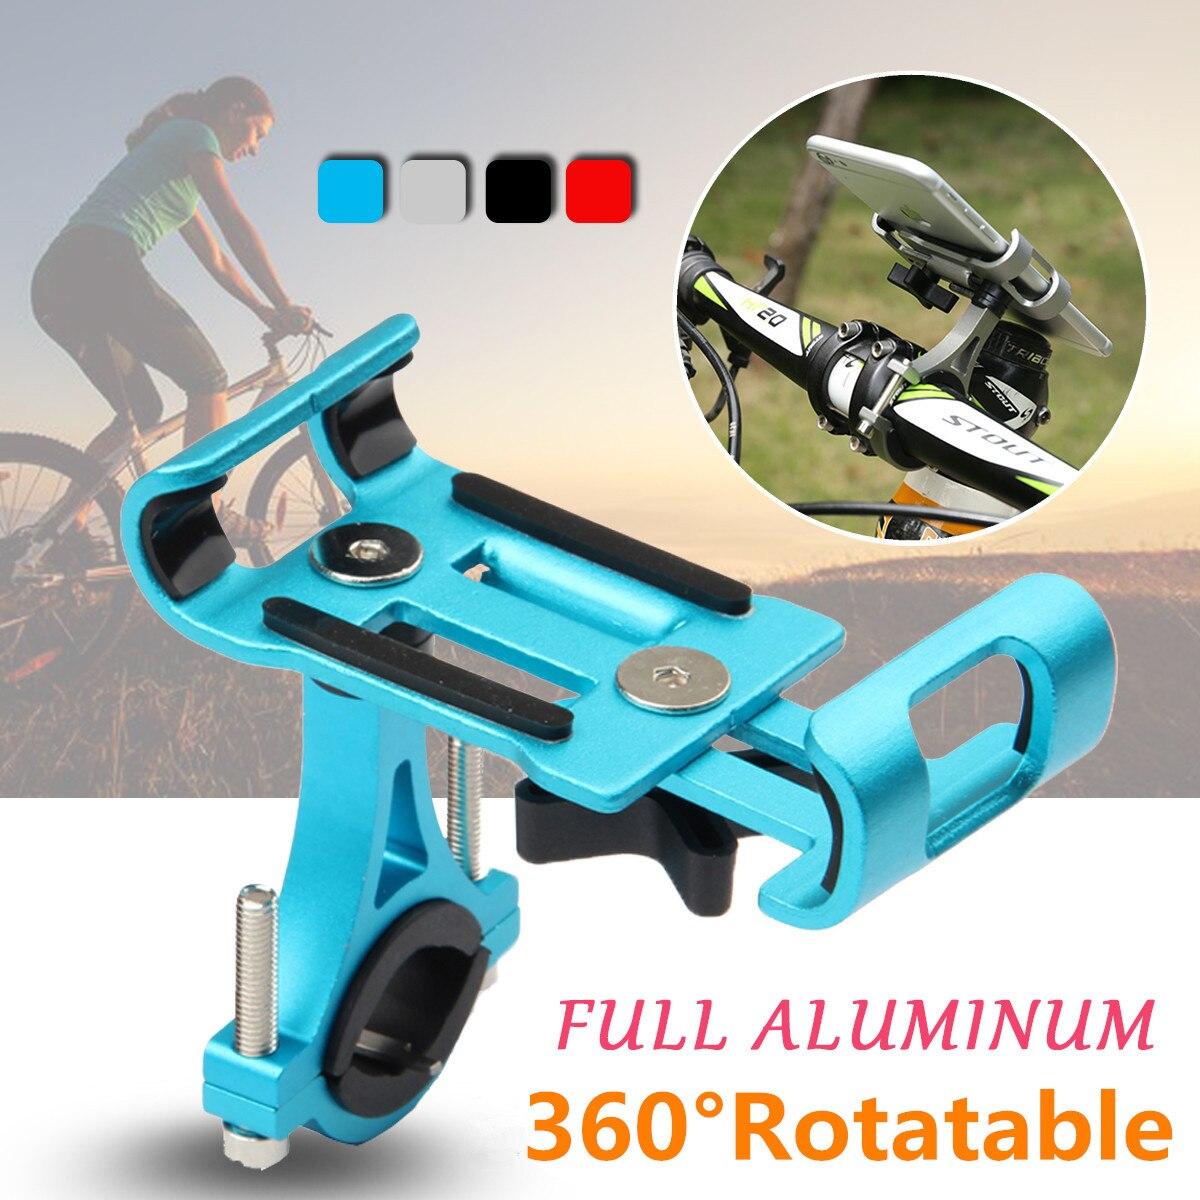 Soporte de teléfono para bicicleta de aluminio para motocicleta Clip de teléfono para Xiaomi soporte de montaje de manillar de Scooter Eléctrico para cochecito